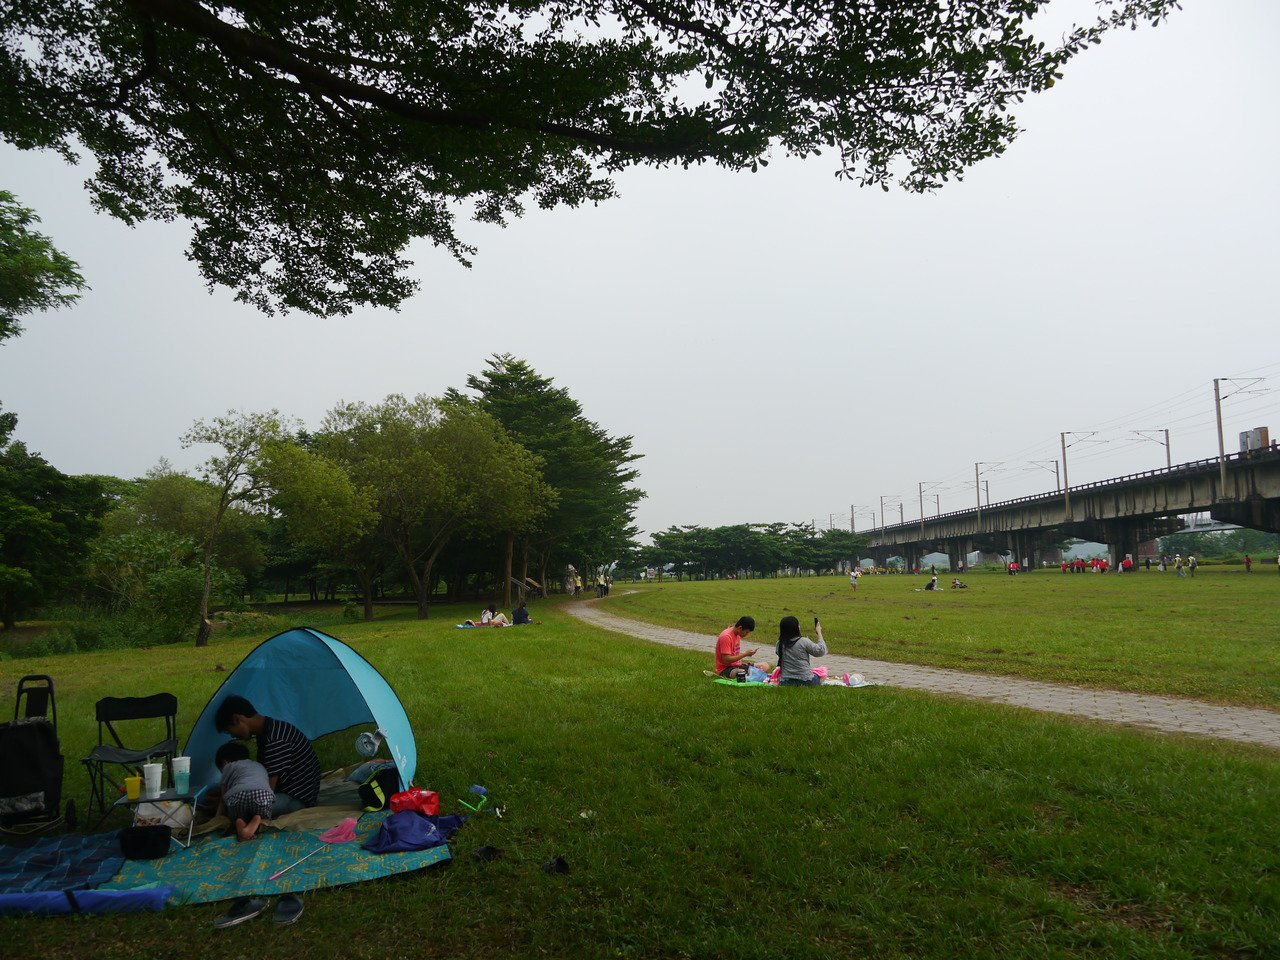 高雄大樹舊鐵橋濕地公園占地寬廣,鐵軌不時會有火車經過,假日會有民眾在草地上野餐、...